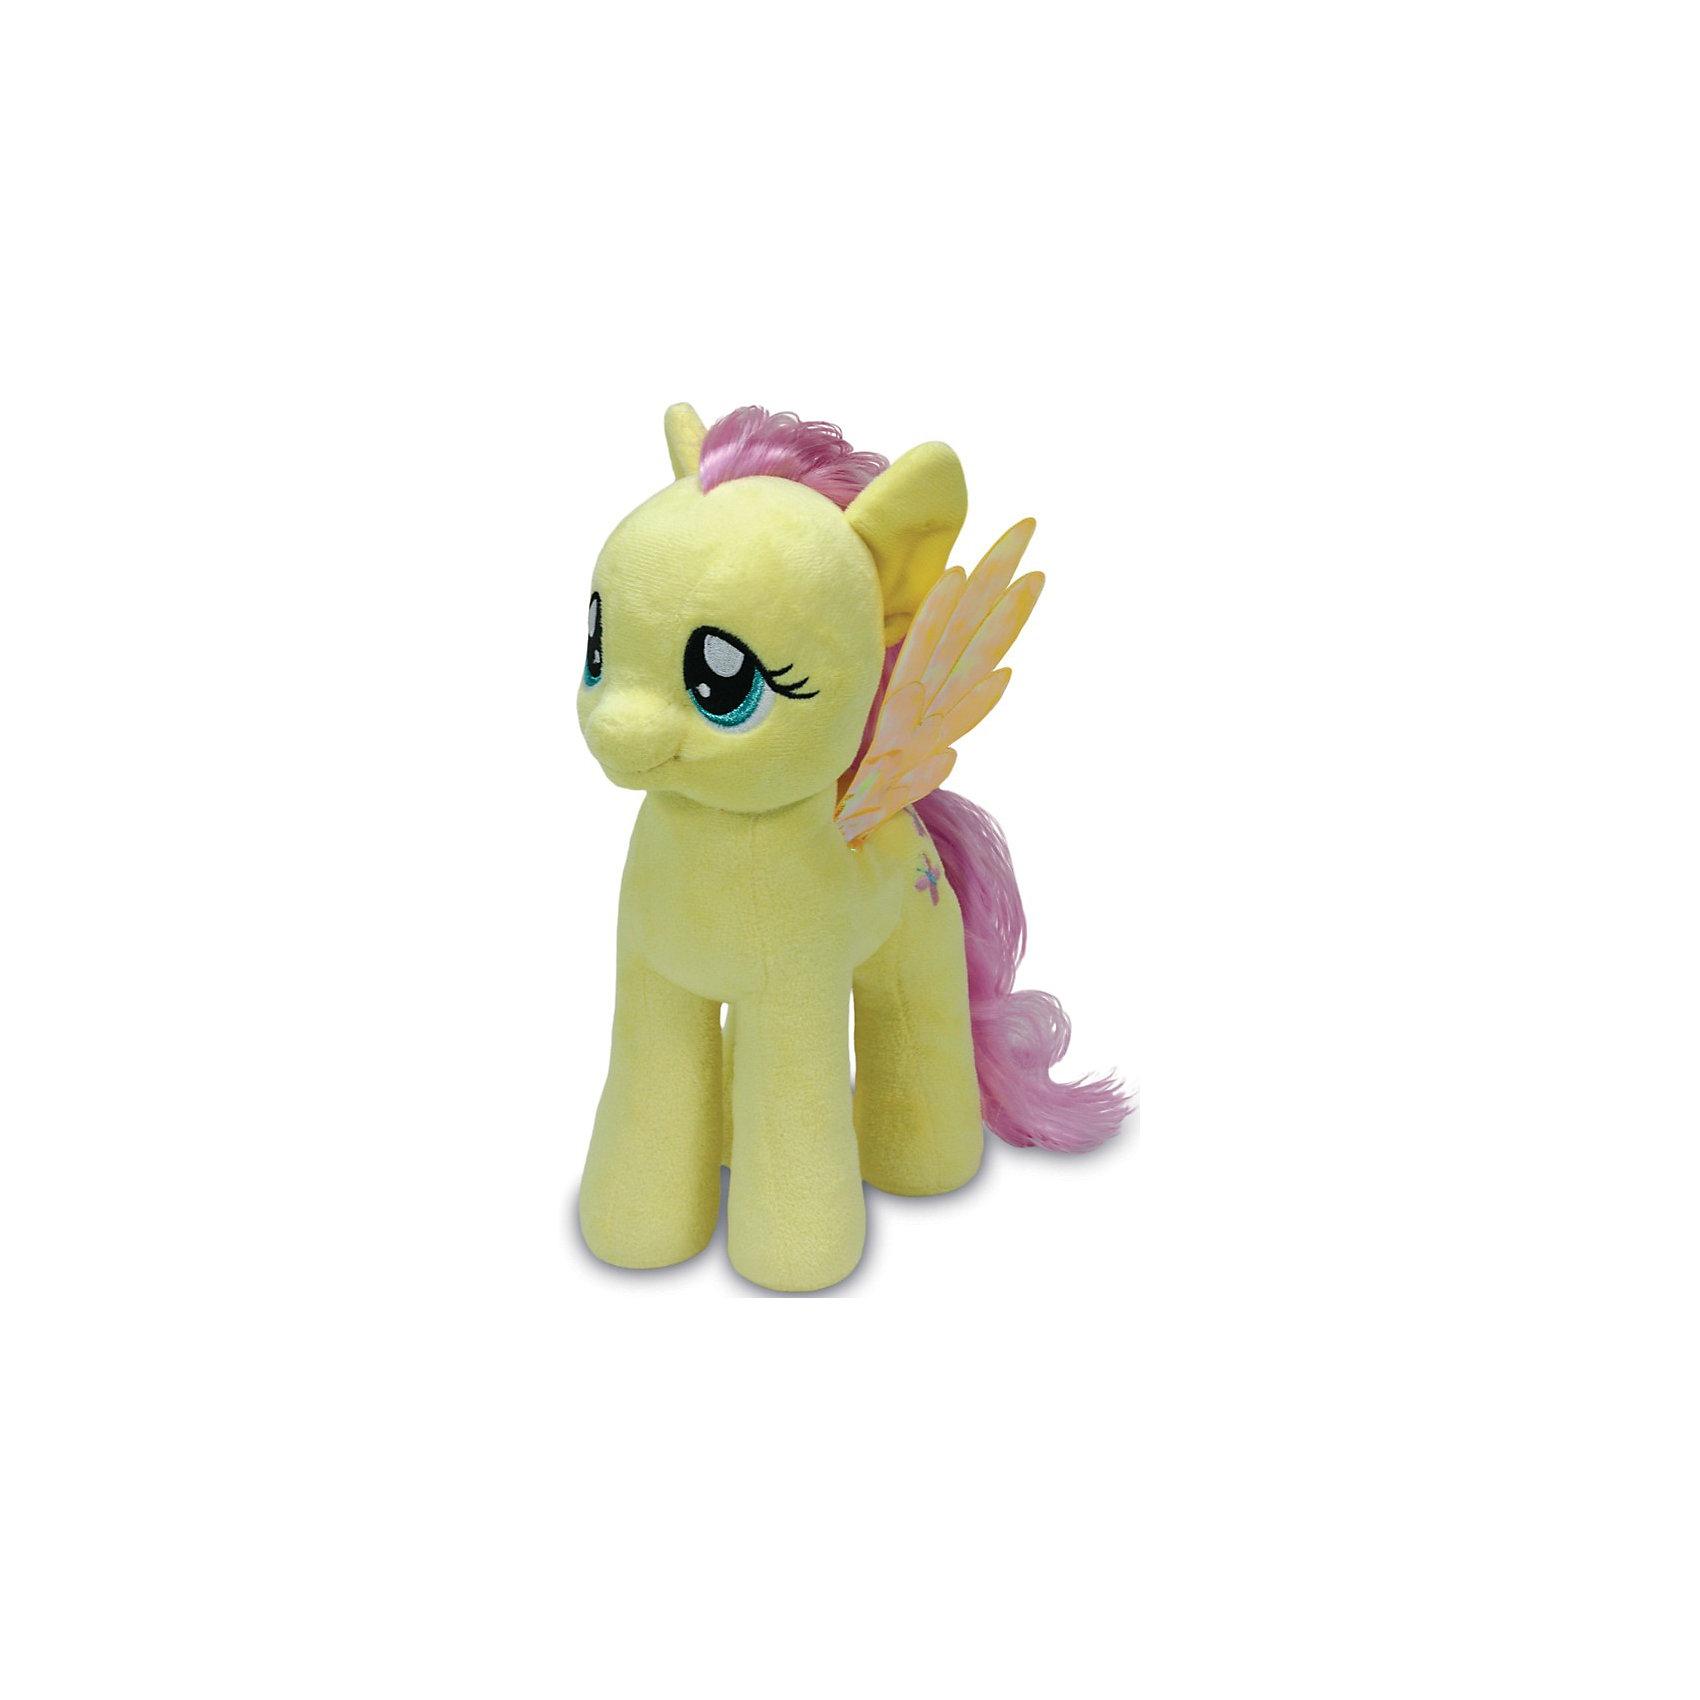 Пони Флаттершай, 51см,  My little PonyМягкая игрушка Пони Флаттершай, My little Pony порадует всех юных поклонниц волшебных лошадок из популярного мультсериала Моя маленькая Пони: Дружба -это чудо ( My Little Pony: Friendship IsMagic). Пони Флаттершай (Fluttershy) - добрая, застенчивая пони-пегас, она очень любит животных и понимает их язык. Внешний вид игрушки полностью соответствует своей героине из мультфильма. У лошадки мягкая, приятная на ощупь желтая шерстка, розовые грива и хвост и блестящие крылышки. Глазки и знак отличия - порхающие бабочки искусно вышиты. Игрушка выполнена из качественных, безопасных для детей материалов.<br><br>Дополнительная информация:<br><br>- Материал: искусственный мех, синтепон.<br>- Размер игрушки: 51 см.<br>- Размер упаковки: 40 x 25 x 51 см.<br>- Вес: 0,3 кг.<br><br>Мягкую игрушку Пони Флаттершай, My little Pony (Май литл Пони) можно купить в нашем интернет-магазине.<br><br>Ширина мм: 400<br>Глубина мм: 250<br>Высота мм: 510<br>Вес г: 300<br>Возраст от месяцев: 24<br>Возраст до месяцев: 120<br>Пол: Женский<br>Возраст: Детский<br>SKU: 3833923